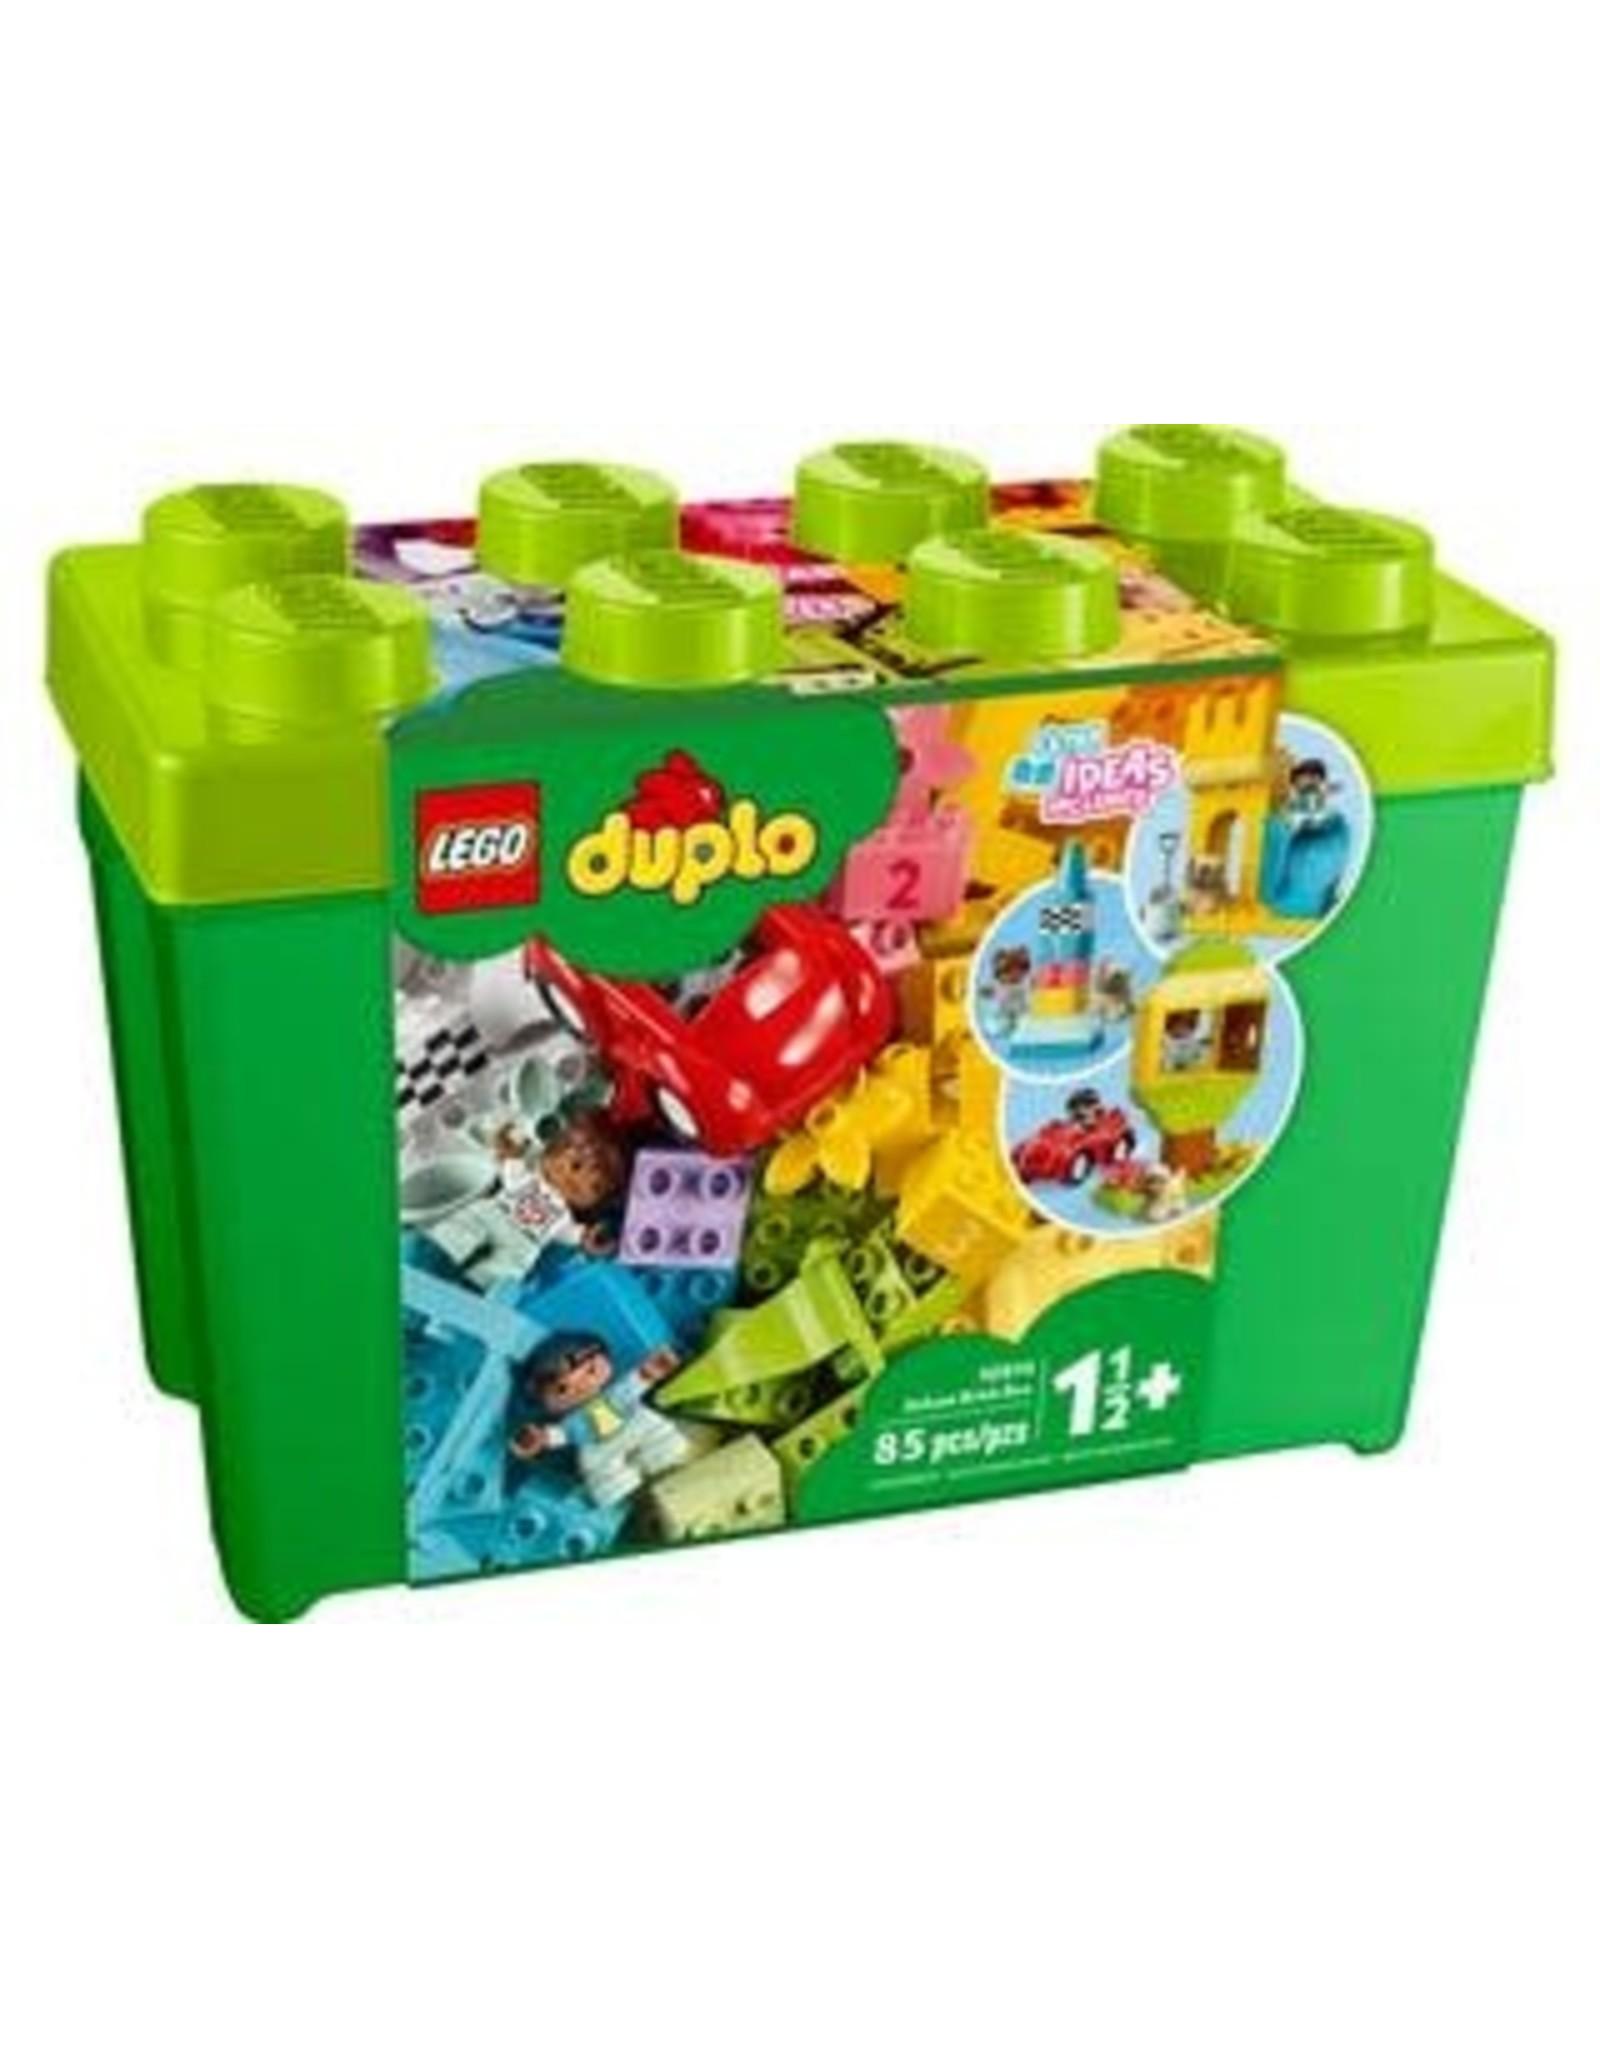 LEGO Lego Duplo Deluxe Brick Box 85p